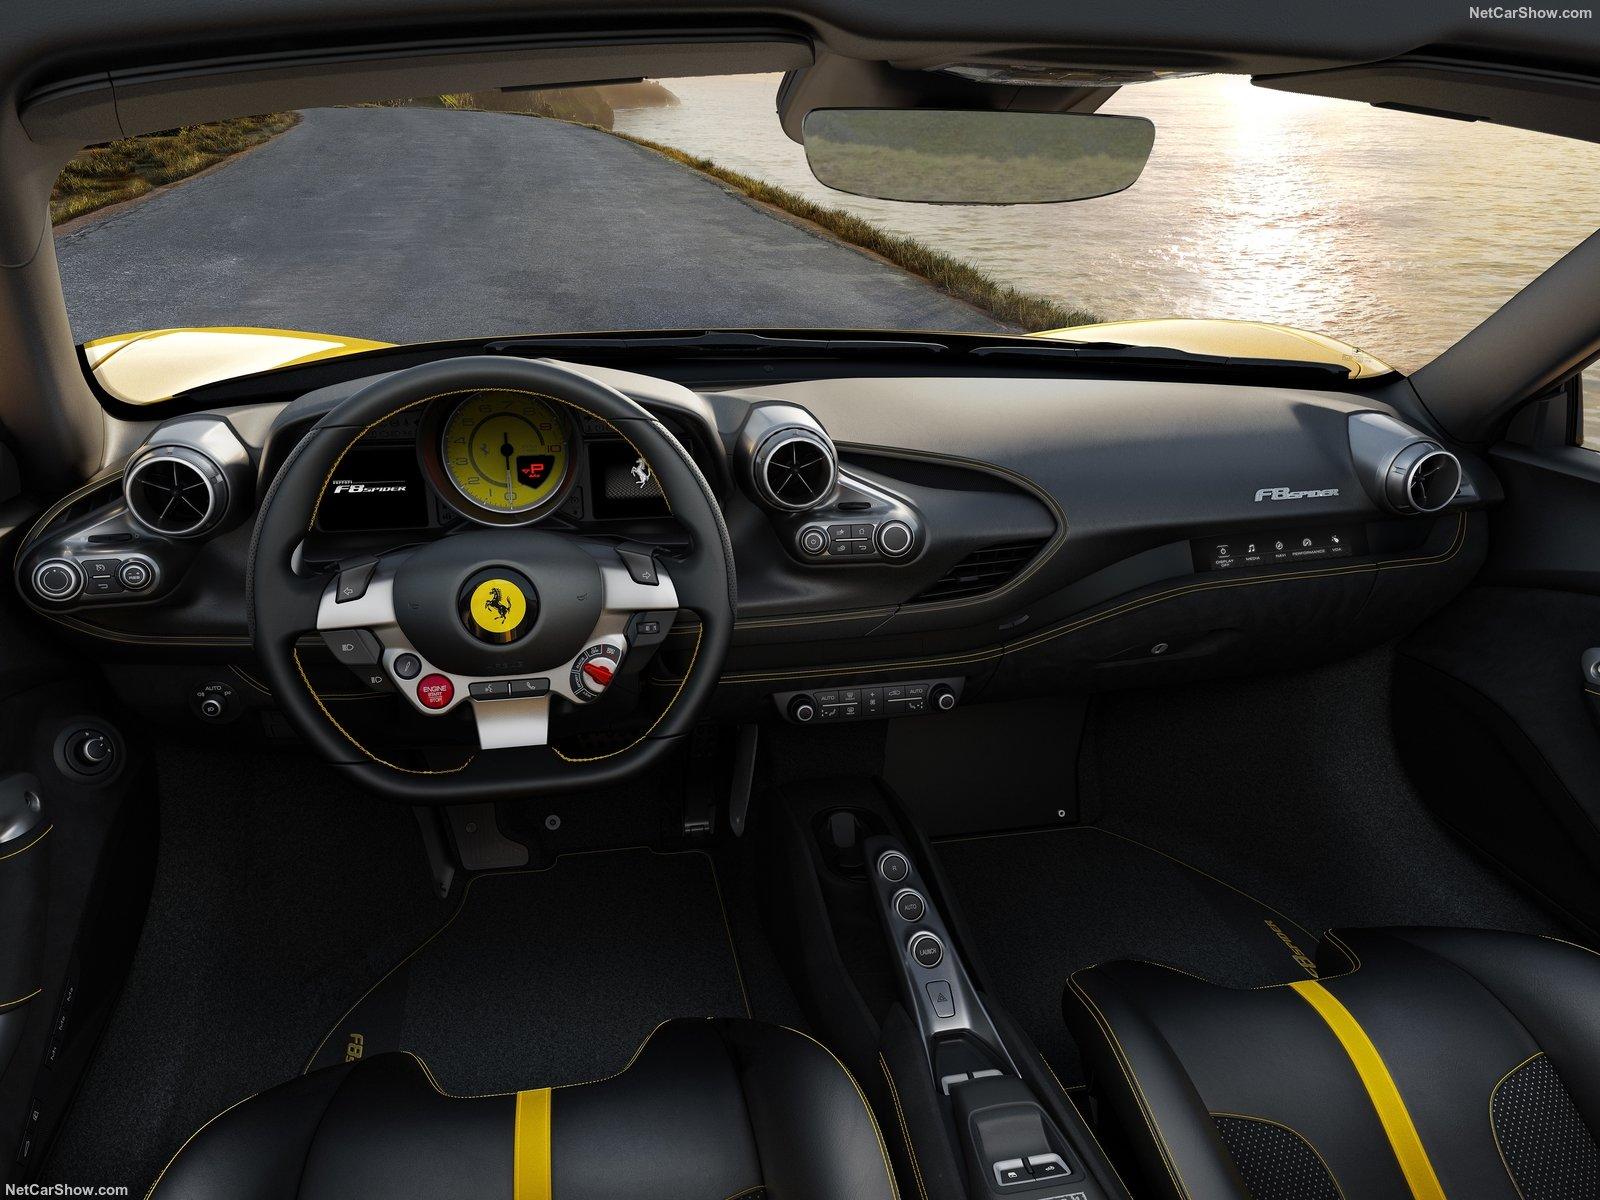 Siêu xe Ferrari đẹp nội thất mới